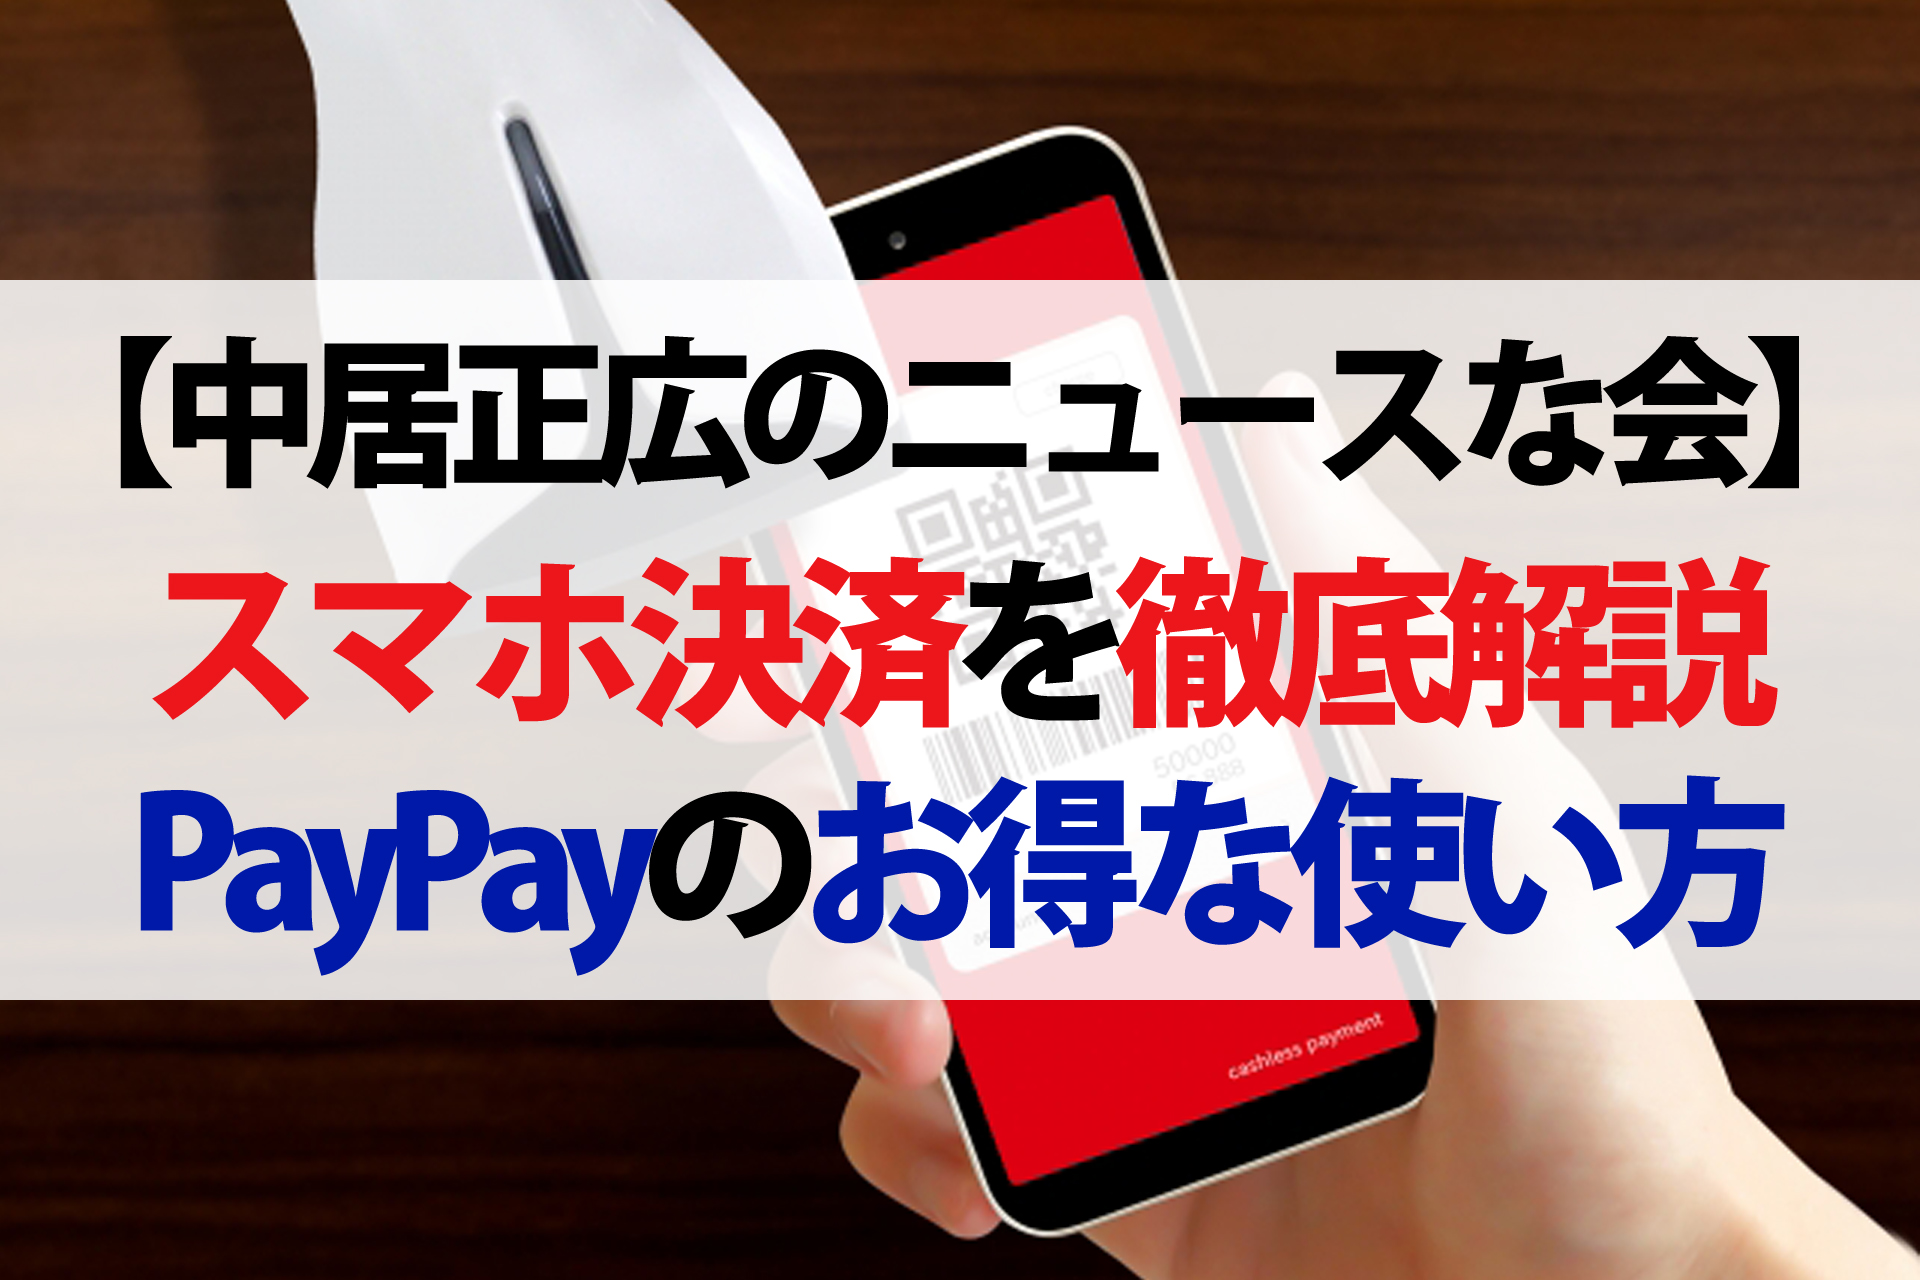 【中居正広のニュースな会】スマホ決済がイチからわかる!PayPayだとこんなにお得